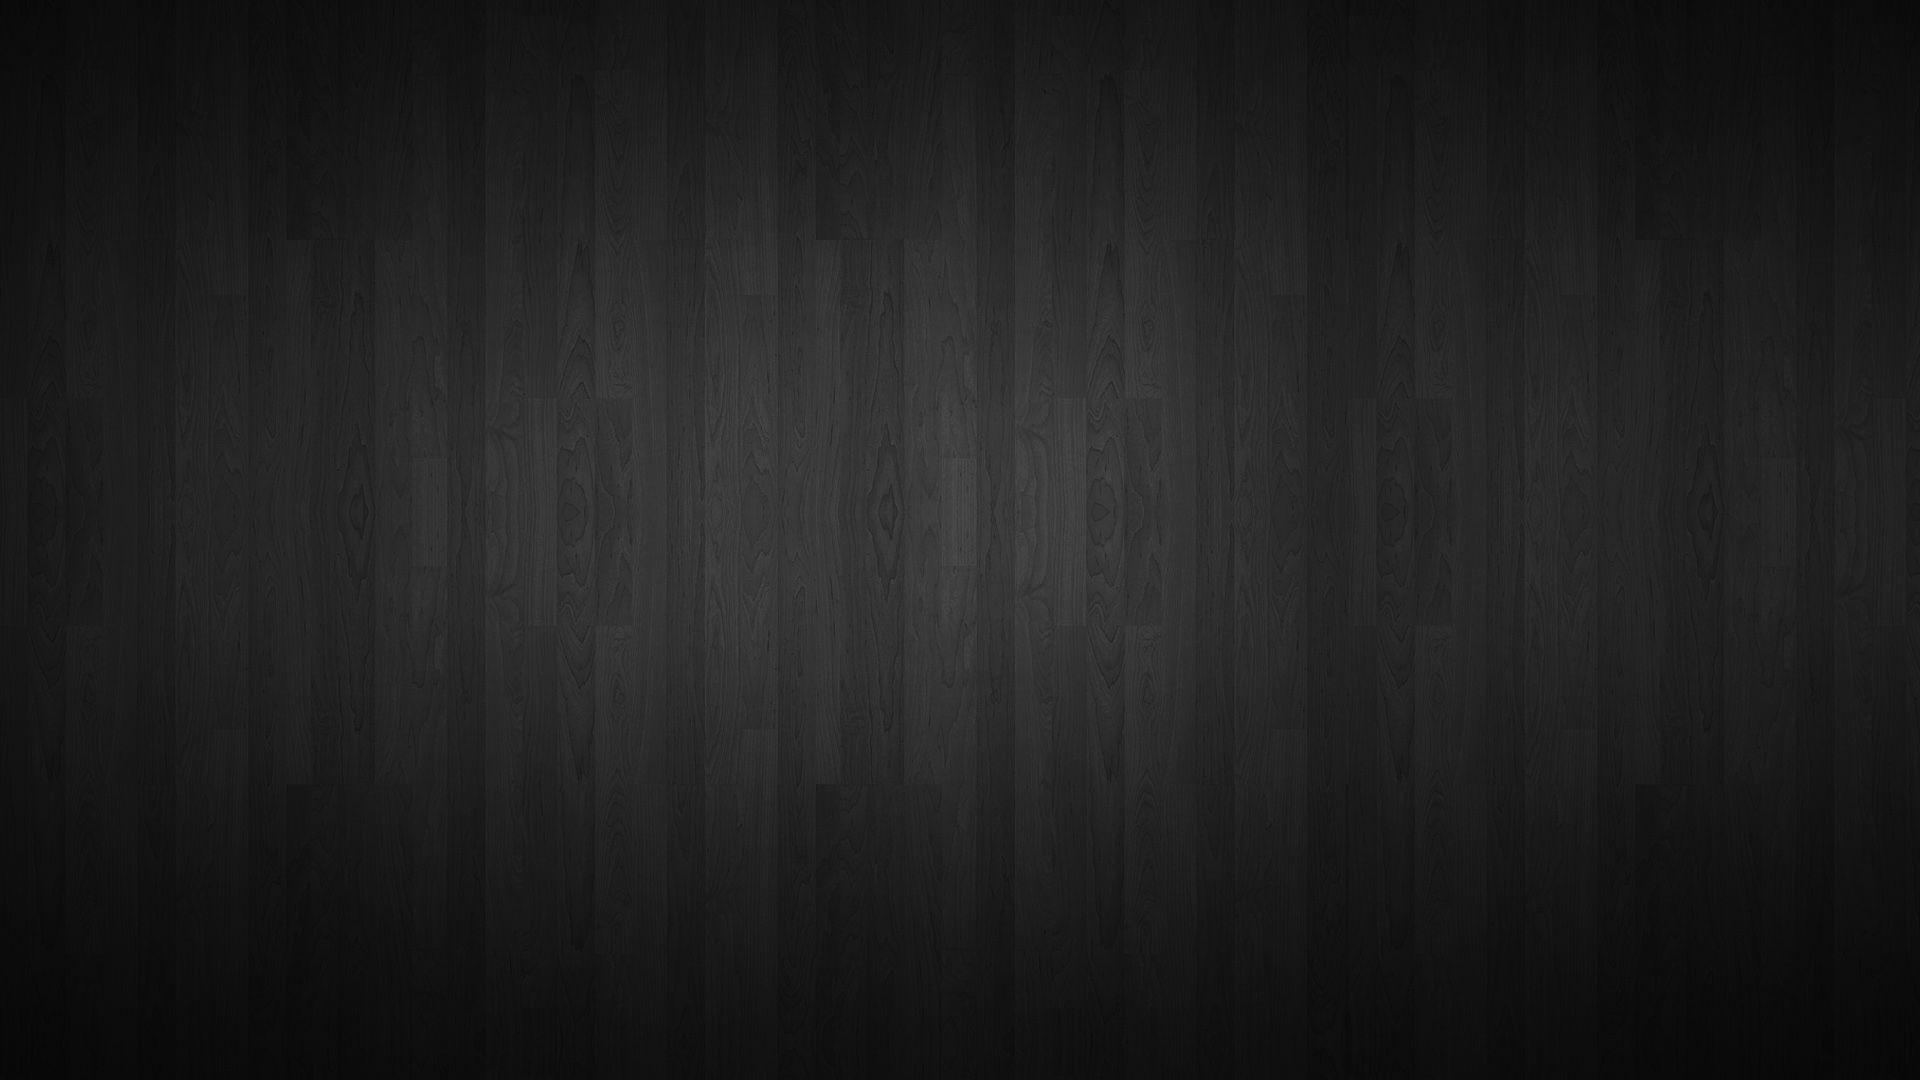 Wood Grain Desktop Wallpaper Wallpapersafari